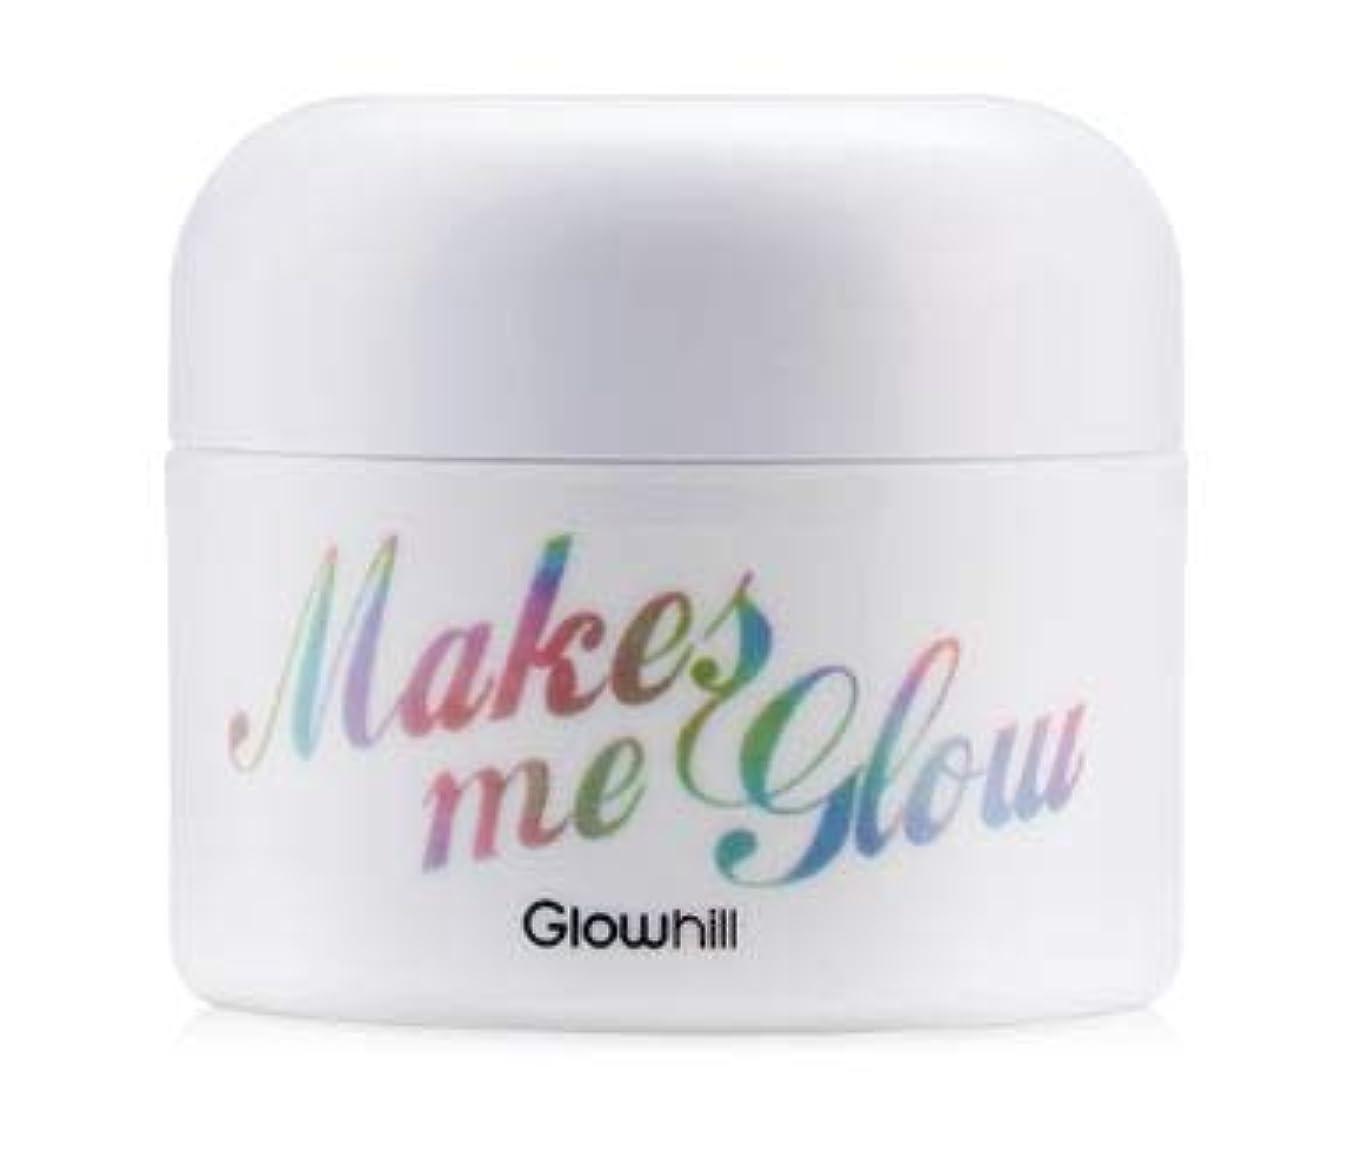 批判的に想起天才[Glowhill] Aurora Whitehole Glow Mask / [グローヒル] オーロラホワイトホールグローマスク [並行輸入品]